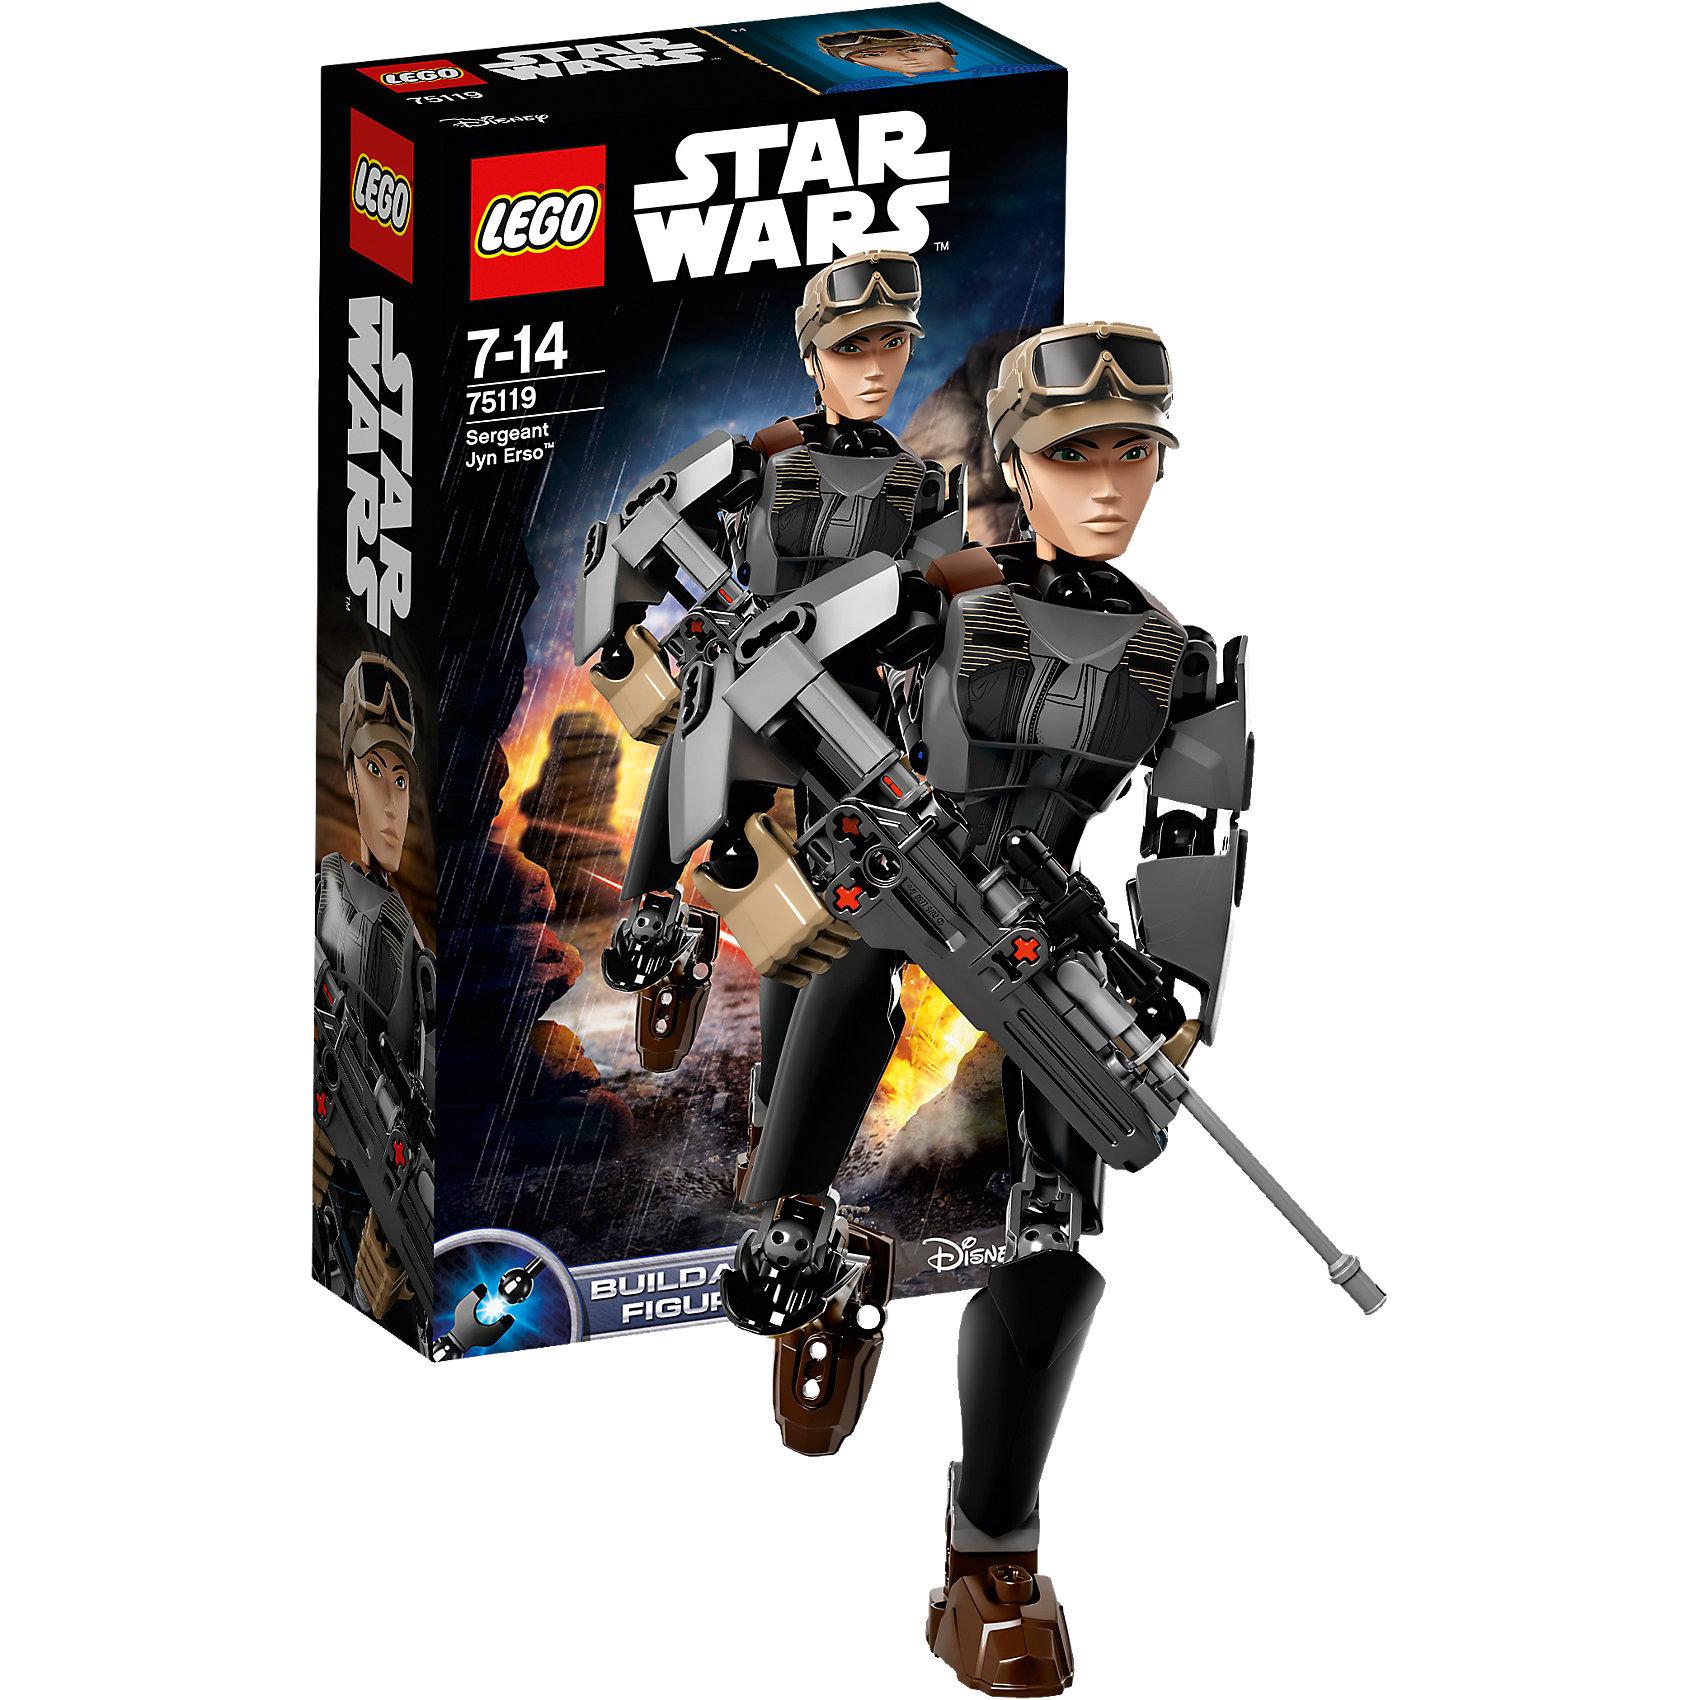 LEGO Star Wars 75119: Сержант Джин ЭрсоПластмассовые конструкторы<br>Фильм Звездные войны обожают современные дети. Подарите им возможность играть с героями из любимого фильма, воссоздавая боевые сцены из кино или придумывая свои! Эти фигурки подвижны, состоят из деталей, поэтому детям с ними играть очень интересно. <br>Одна игрушка - только часть большой коллекции LEGO Star Wars, поэтому детям будет интересно еще и коллекционировать разные фигурки и наборы. Такие игрушки помогают ребенку развивать мелкую моторику, воображение и творческое мышление! Материалы, использованные при изготовлении игрушек, полностью безопасны для детей и отвечают всем требованиям по качеству.<br><br>Дополнительная информация:<br><br>цвет: разноцветный;<br>материал: пластик;<br>деталей: 104;<br>высота игрушки: 24 см.<br><br>LEGO Star Wars 75119: Сержант Джин Эрсо можно приобрести в нашем магазине.<br><br>Ширина мм: 265<br>Глубина мм: 142<br>Высота мм: 66<br>Вес г: 239<br>Возраст от месяцев: 84<br>Возраст до месяцев: 168<br>Пол: Мужской<br>Возраст: Детский<br>SKU: 4641276